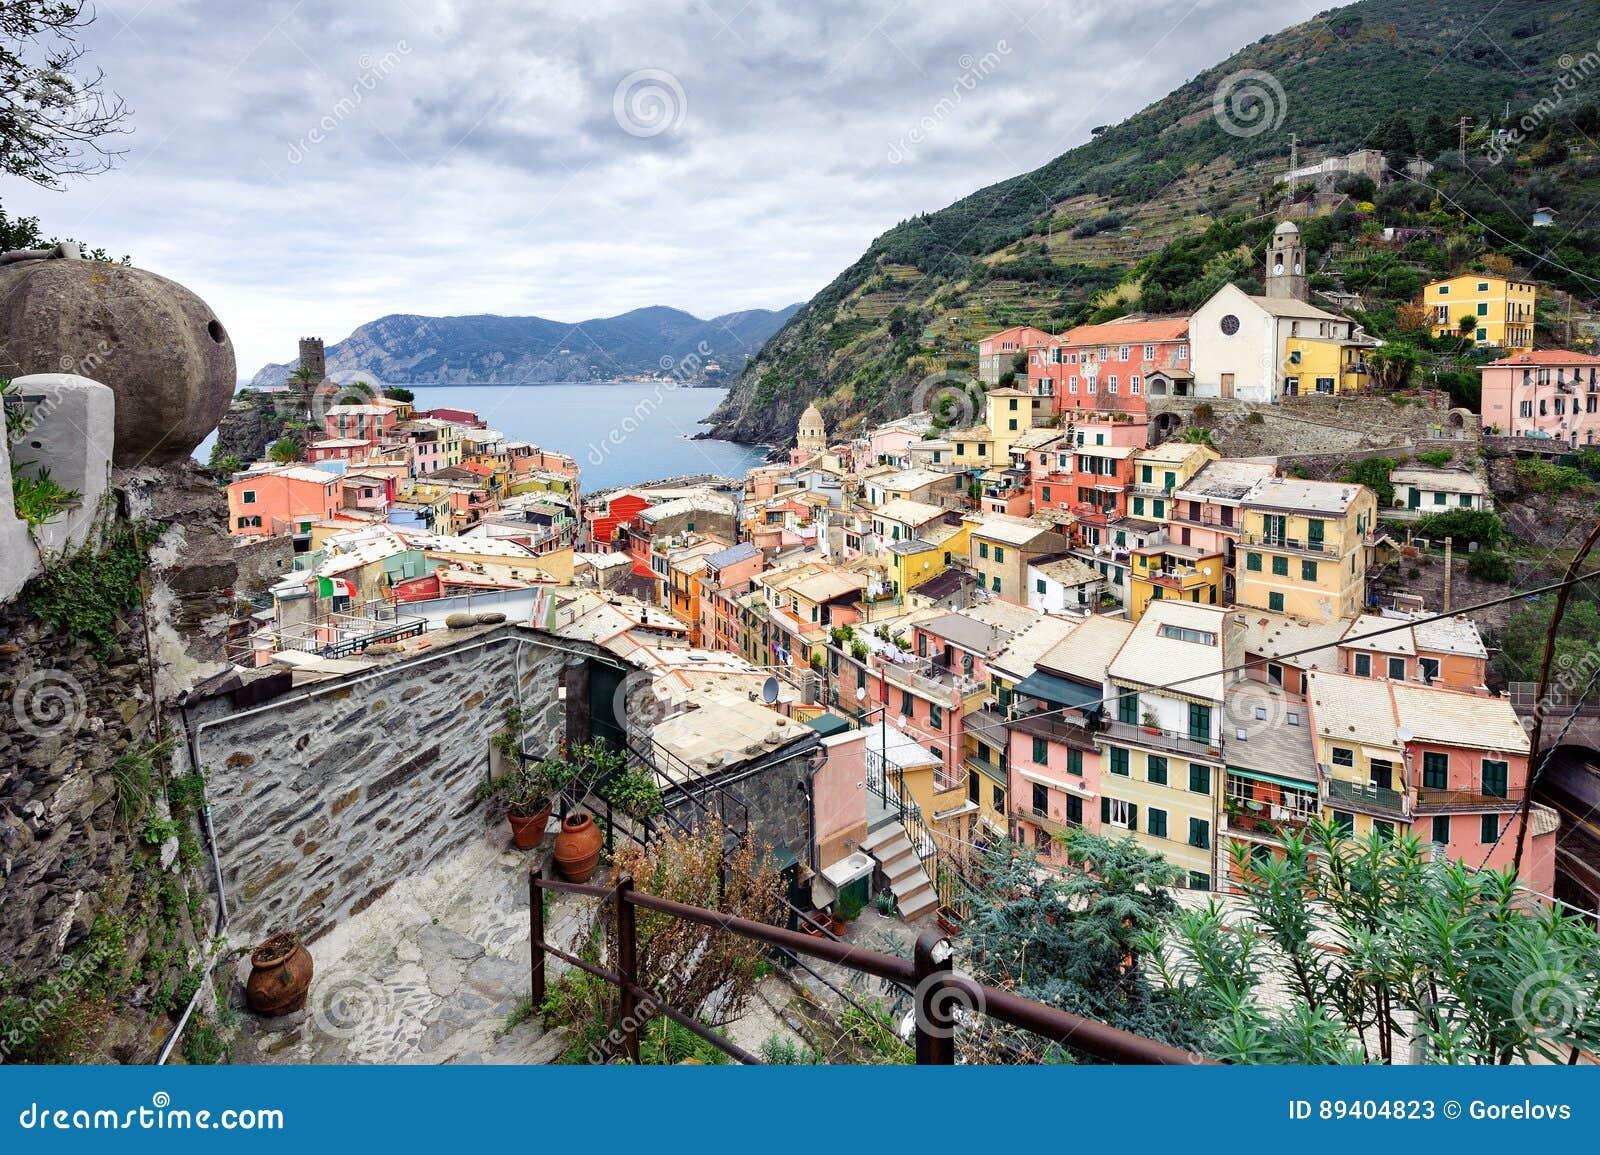 Vista aérea na cidade da cidade de Vernazza no parque nacional de Cinque Terre, Itália